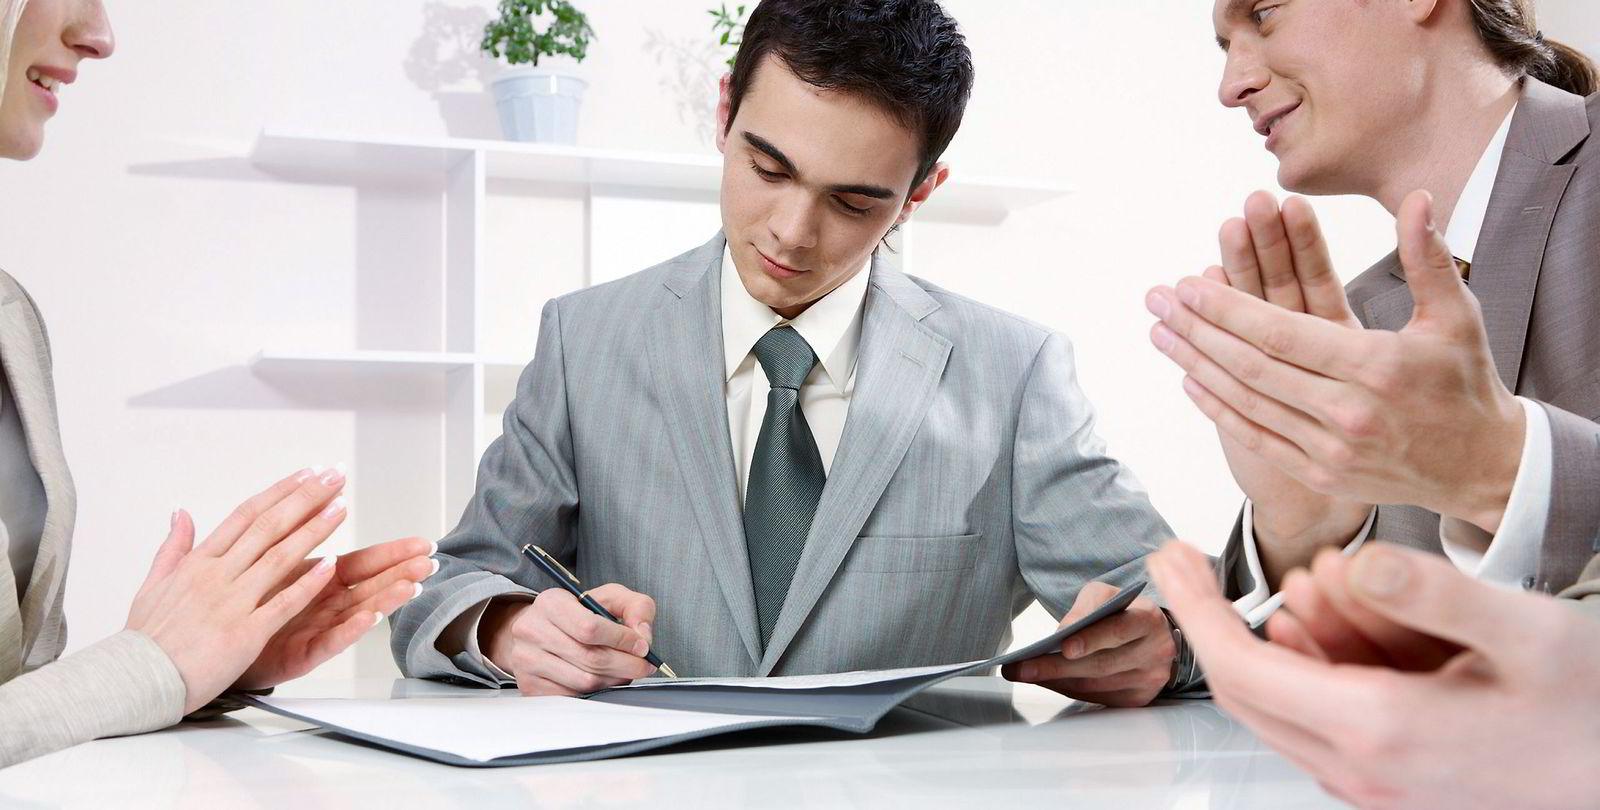 IKKE TILFELDIG: Hva du kler deg i kan være av betydning for tankegang og prestasjon.